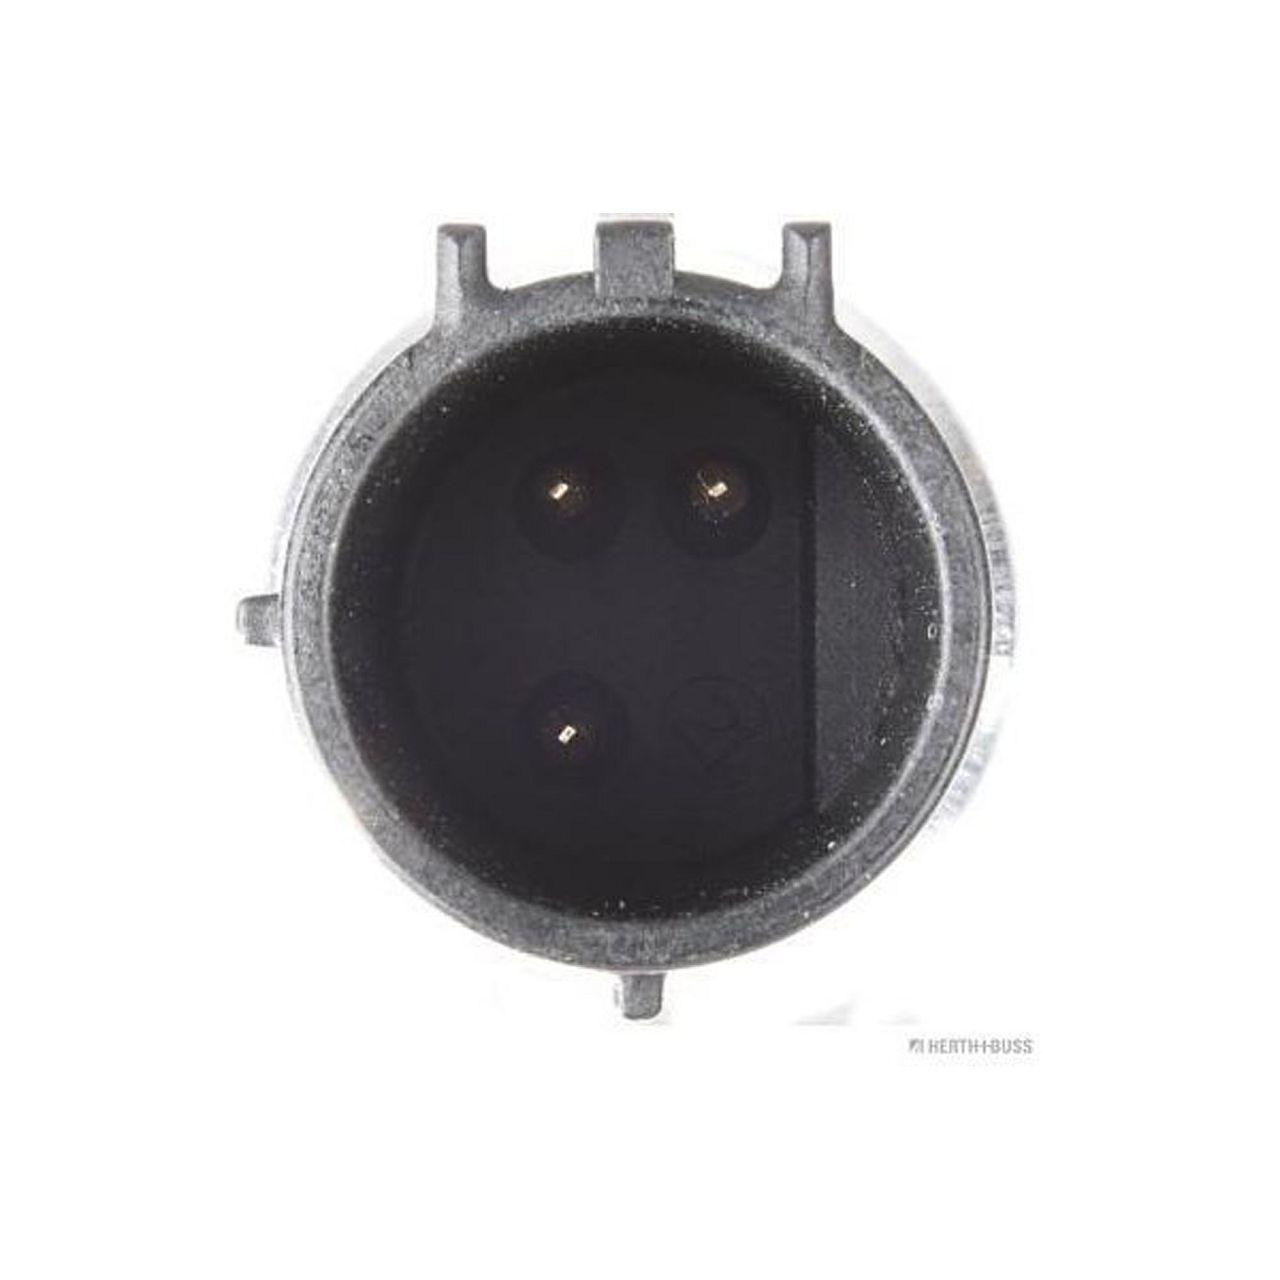 HERTH+BUSS ELPARTS Druckschalter Klimaanlage für FORD C-MAX 1 2 FOCUS II MK2 II